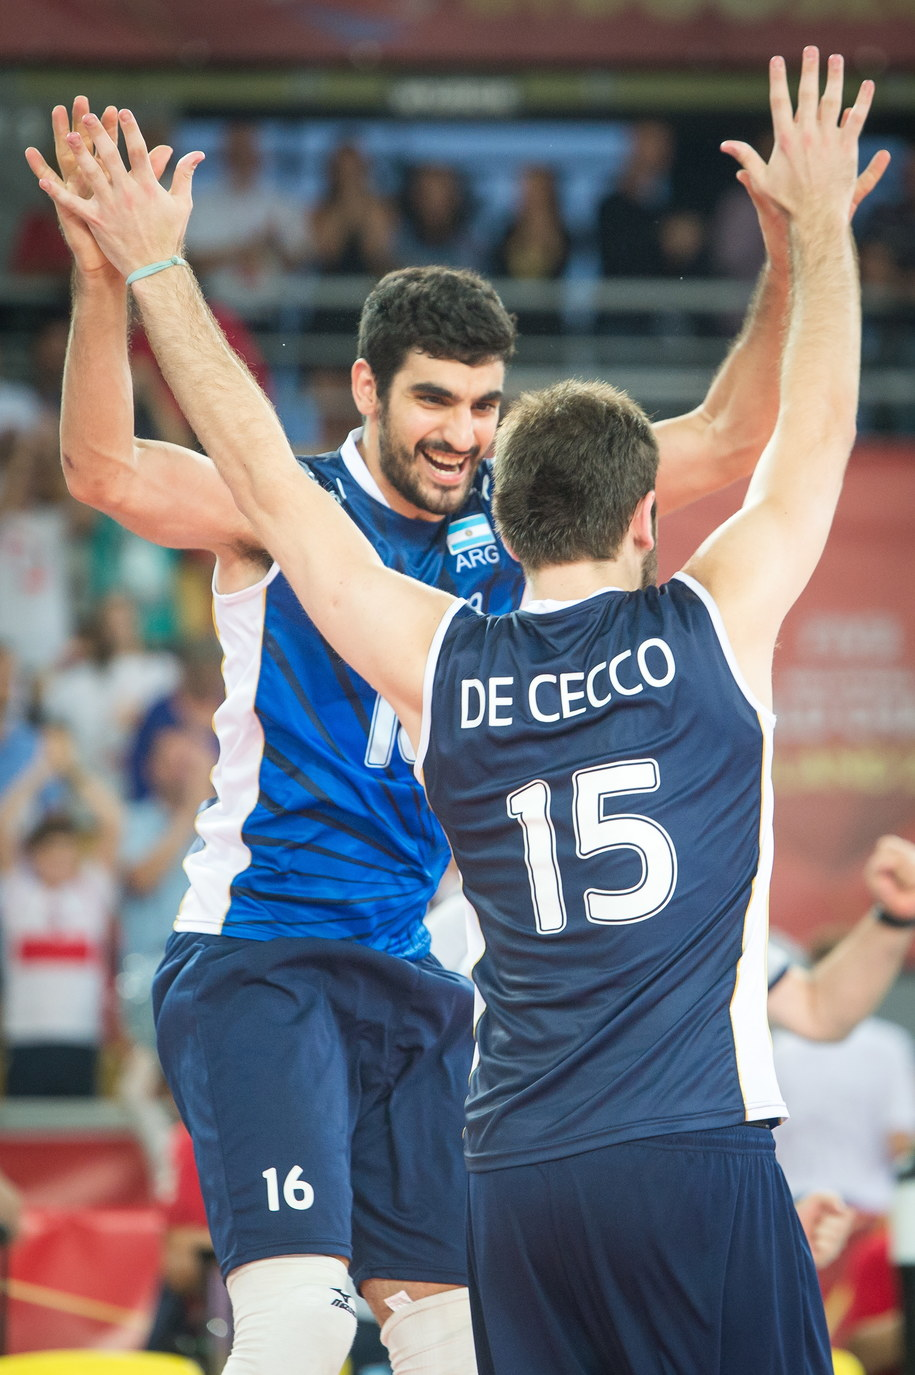 Zawodnicy Argentyny Martin Ramos i Luciano De Cecco cieszą się po wygranej 3-1 z drużyną Włoch /Tytus Żmijewski   (PAP) /PAP